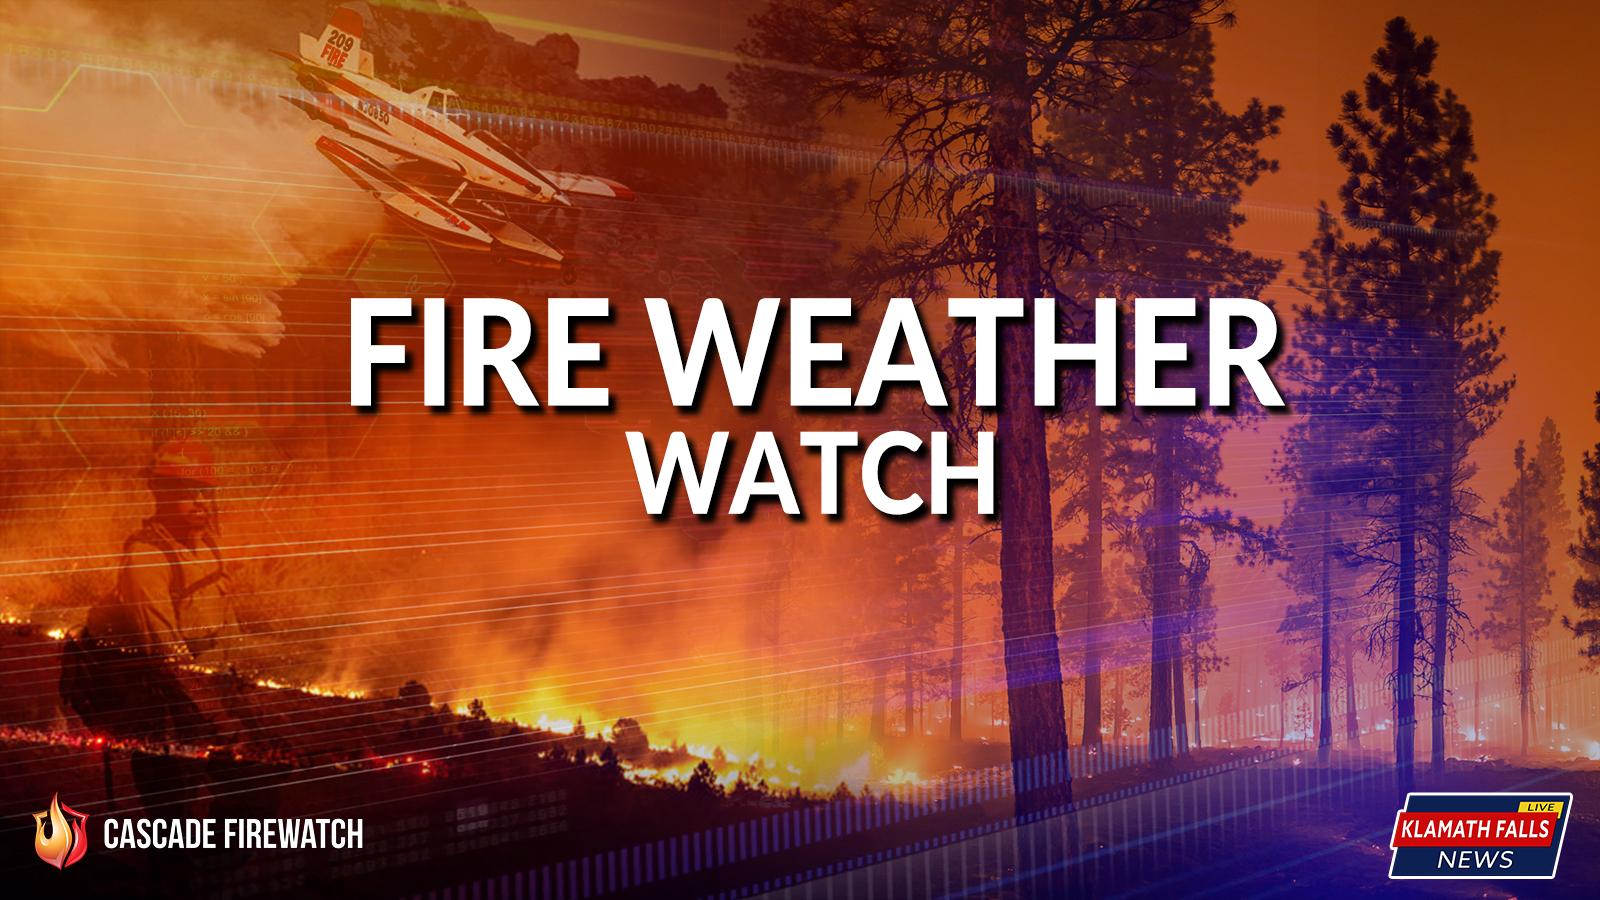 Fire Weather Watch.jpg